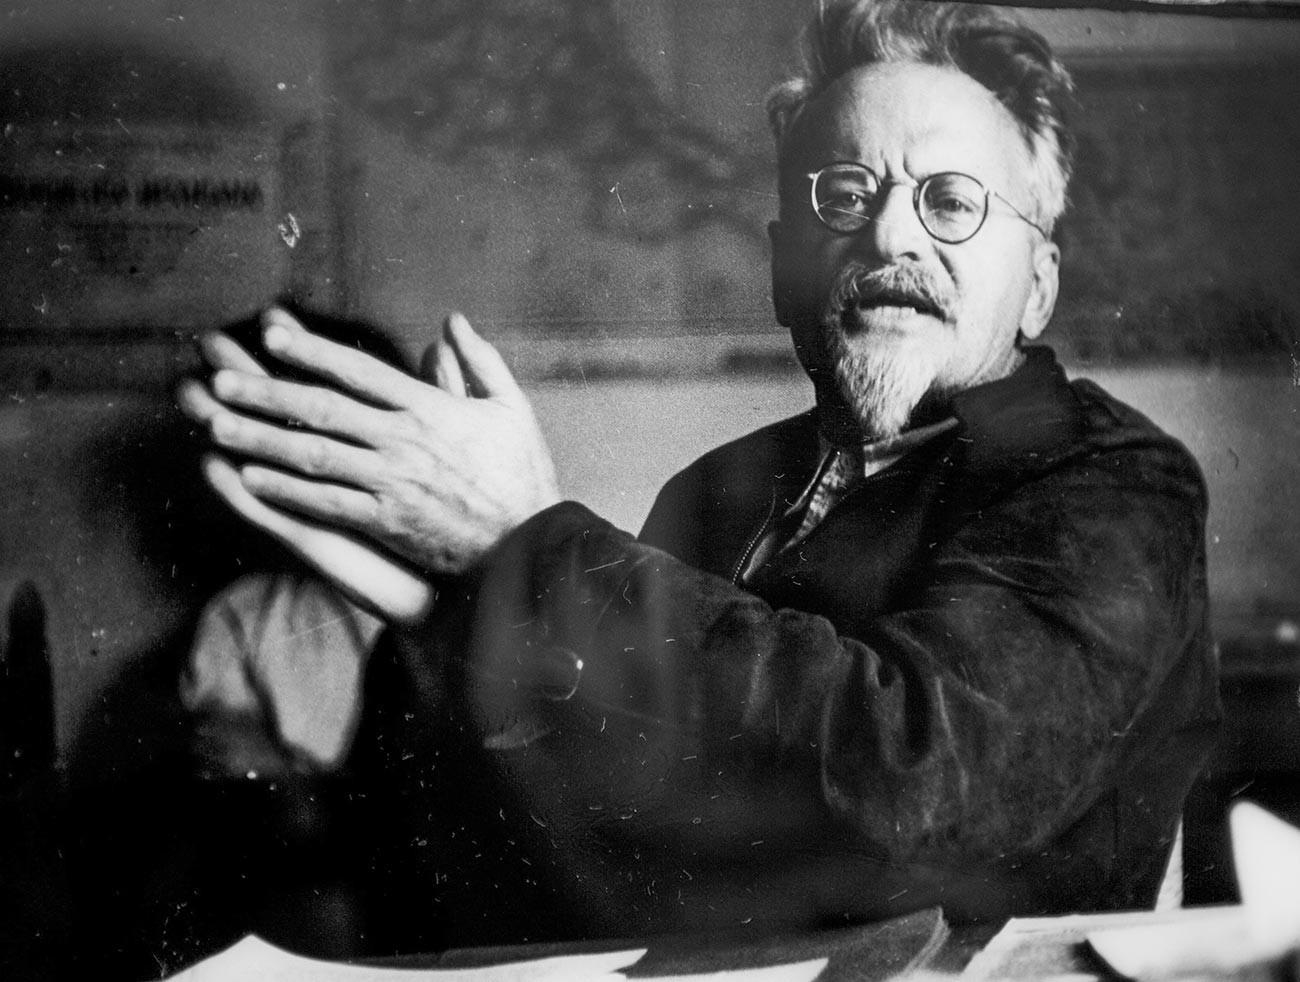 Lev Trocki med govorom v svojem kabinetu v času izgnanstva v Mehiki